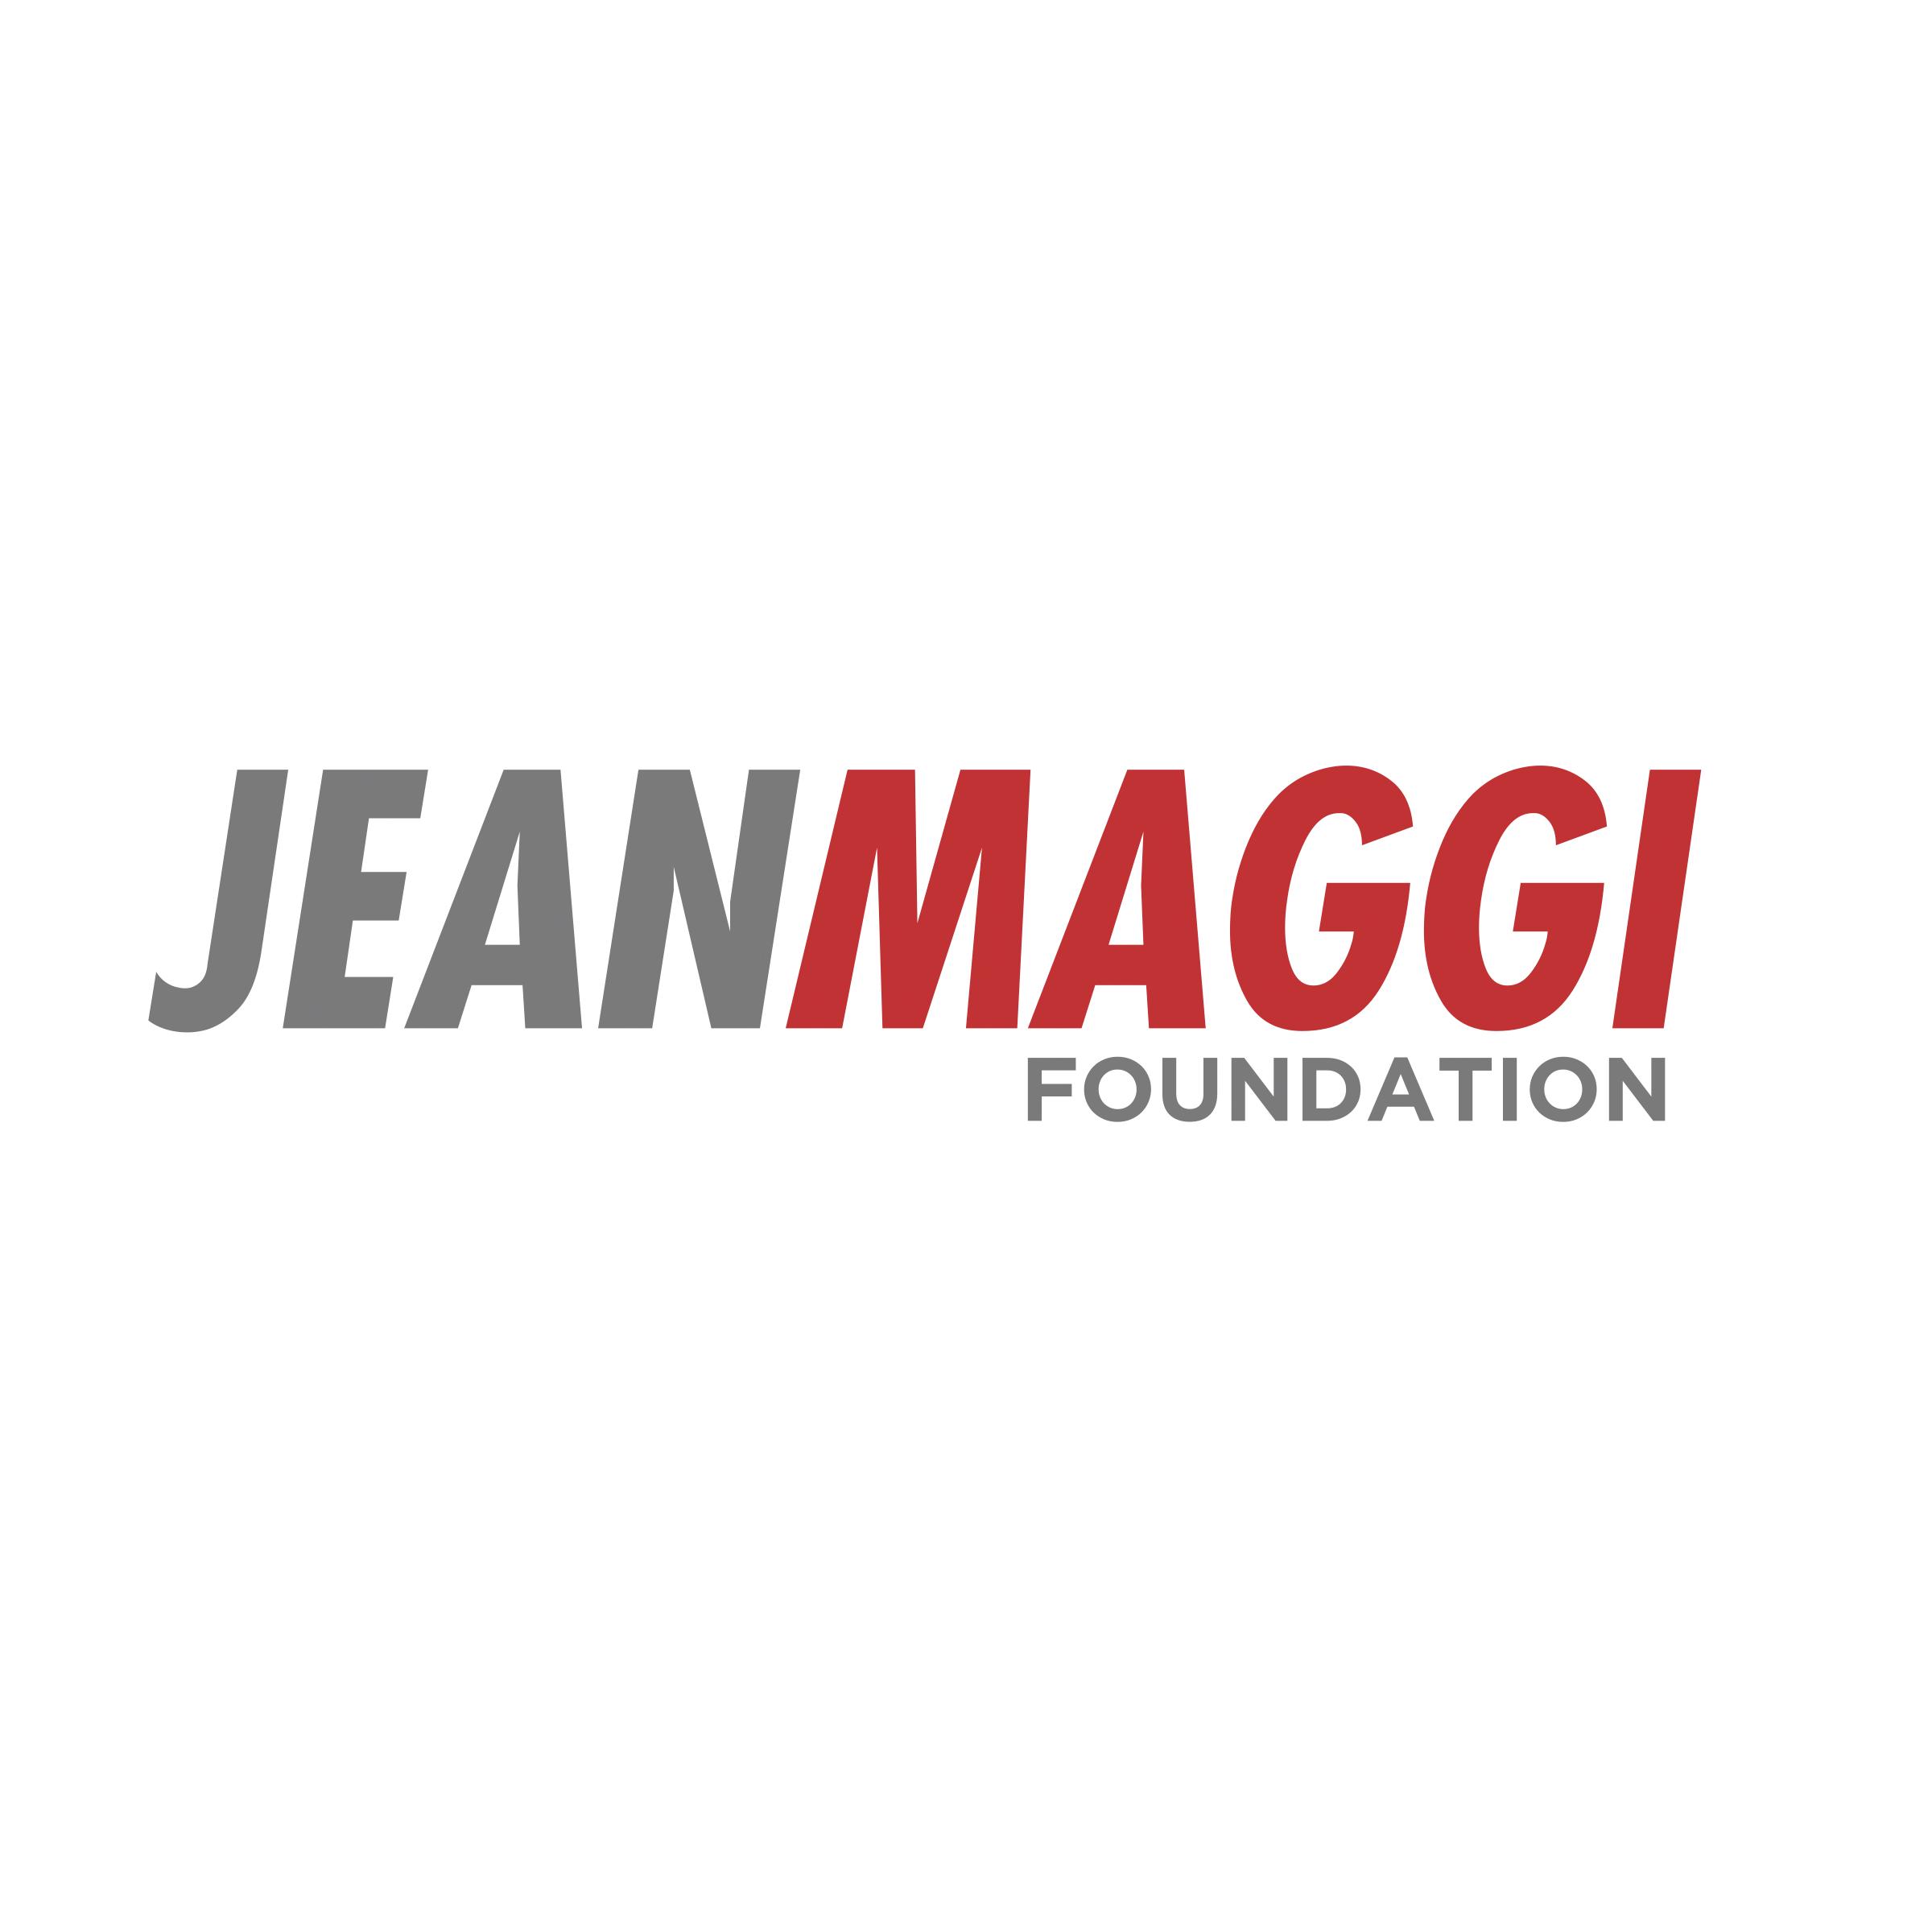 Jean Maggi Foundation